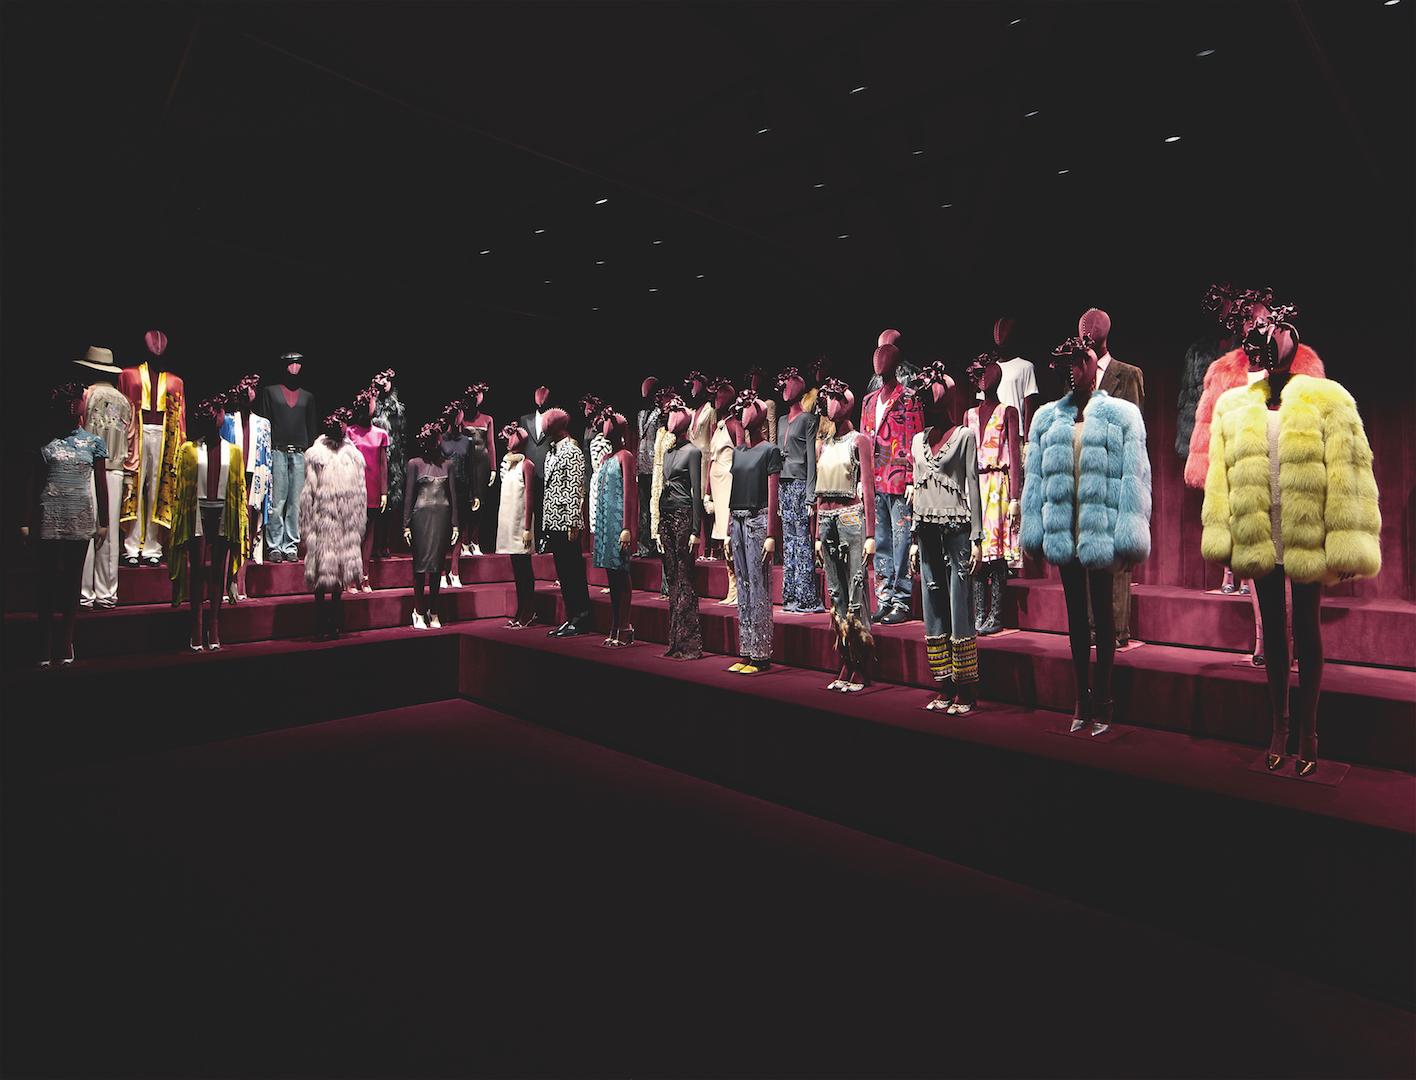 Le due sale dedicate a Tom Ford nel Gucci Museo di Firenze